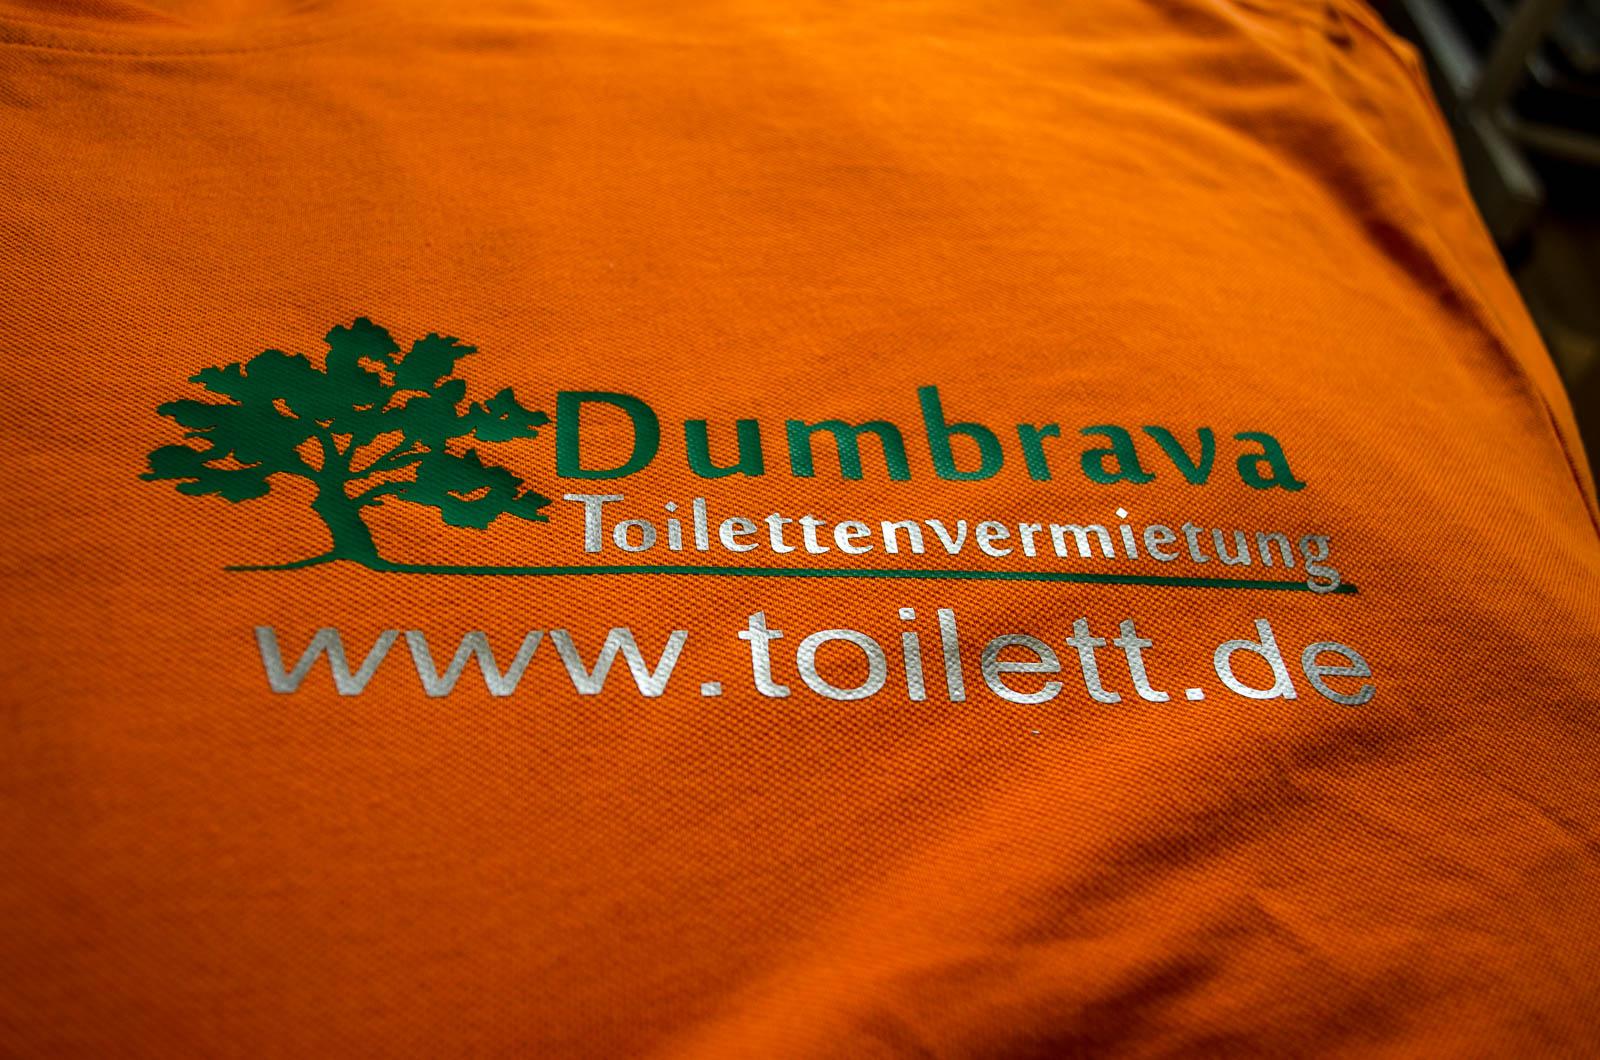 O-ZEN Portfolio toilett-de Textil Beschriftung auf orange Tshirt